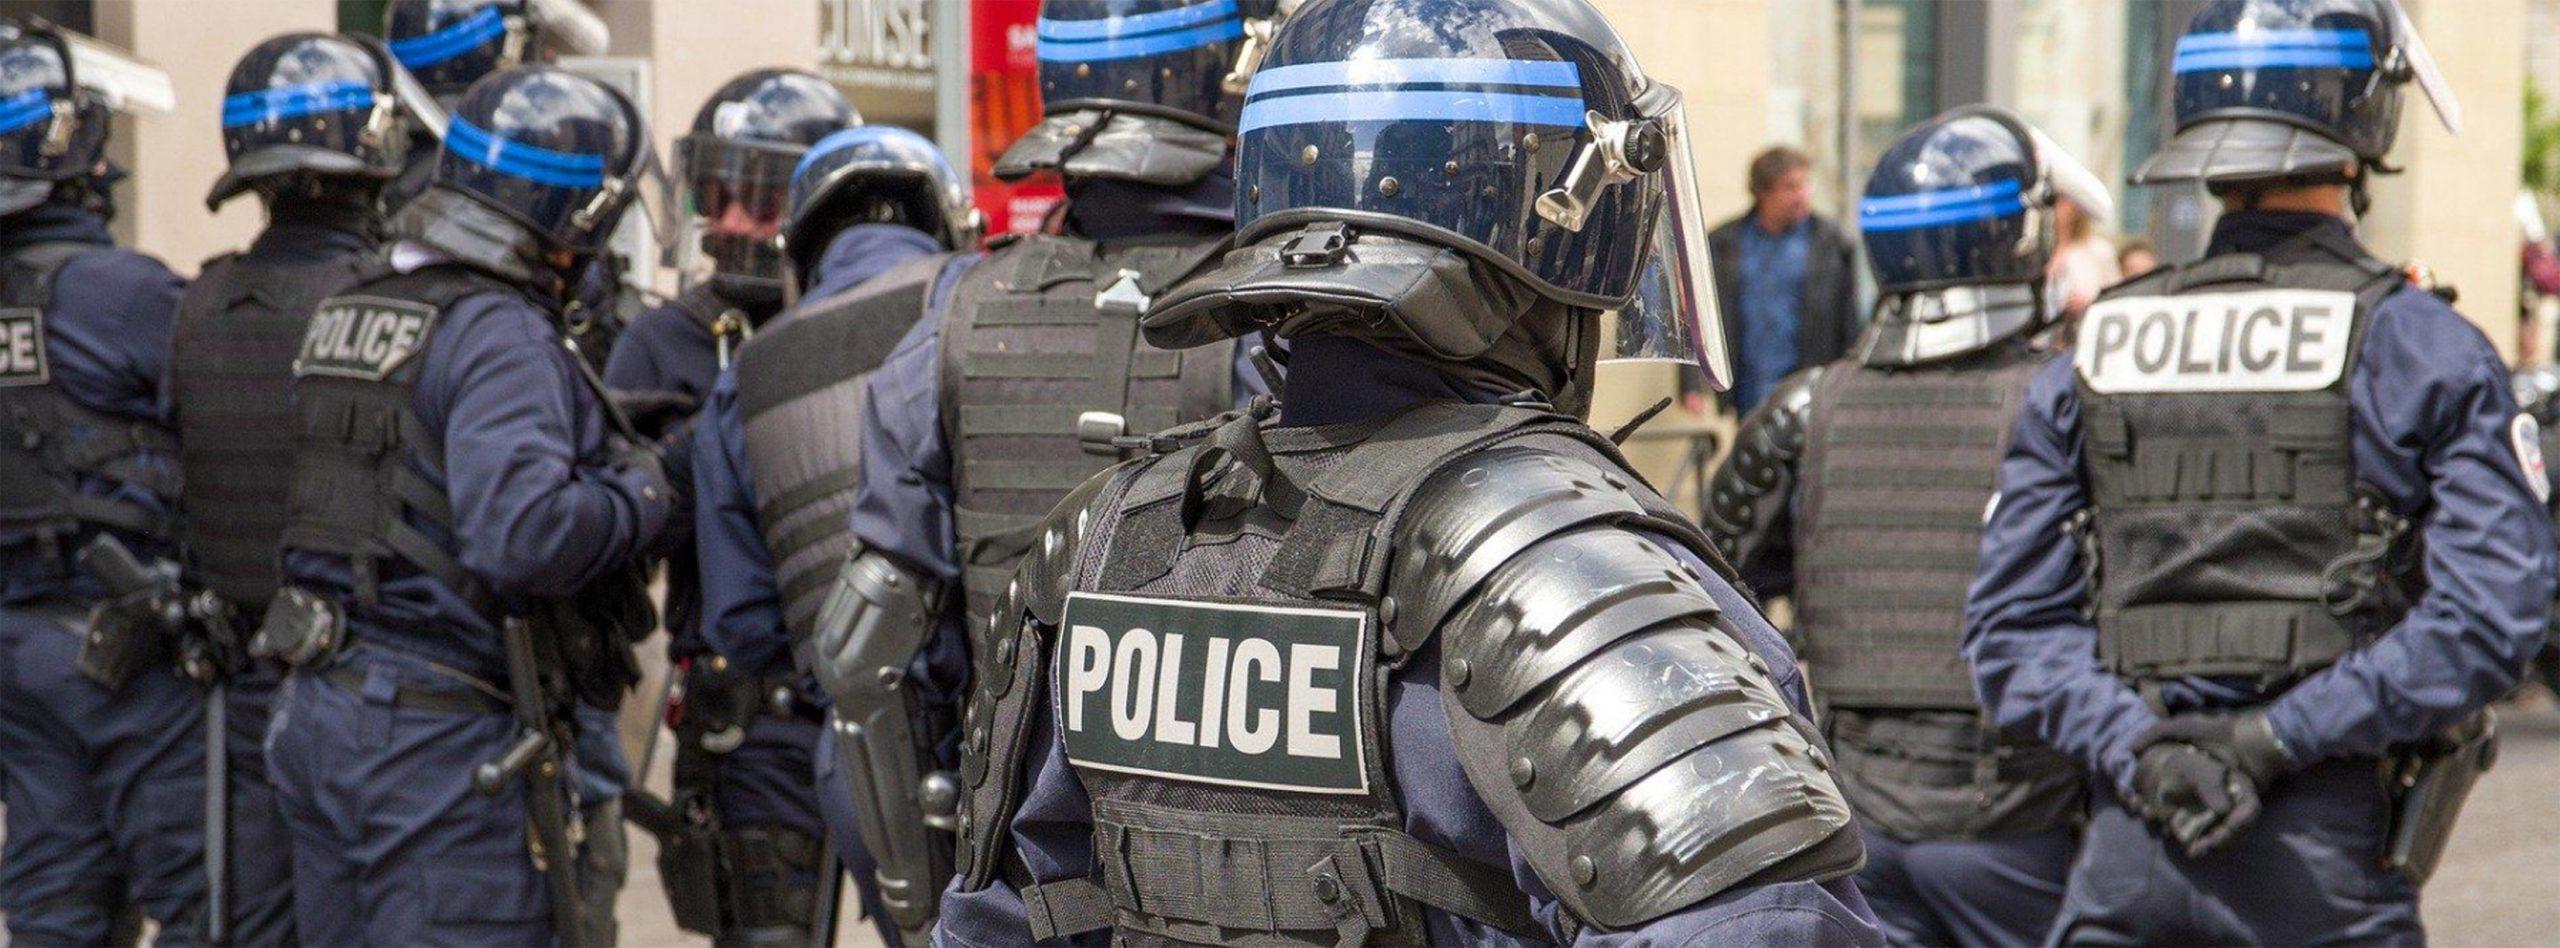 ventdouxprod 2020 nicolas barbier régime politique français militarisant et maladif